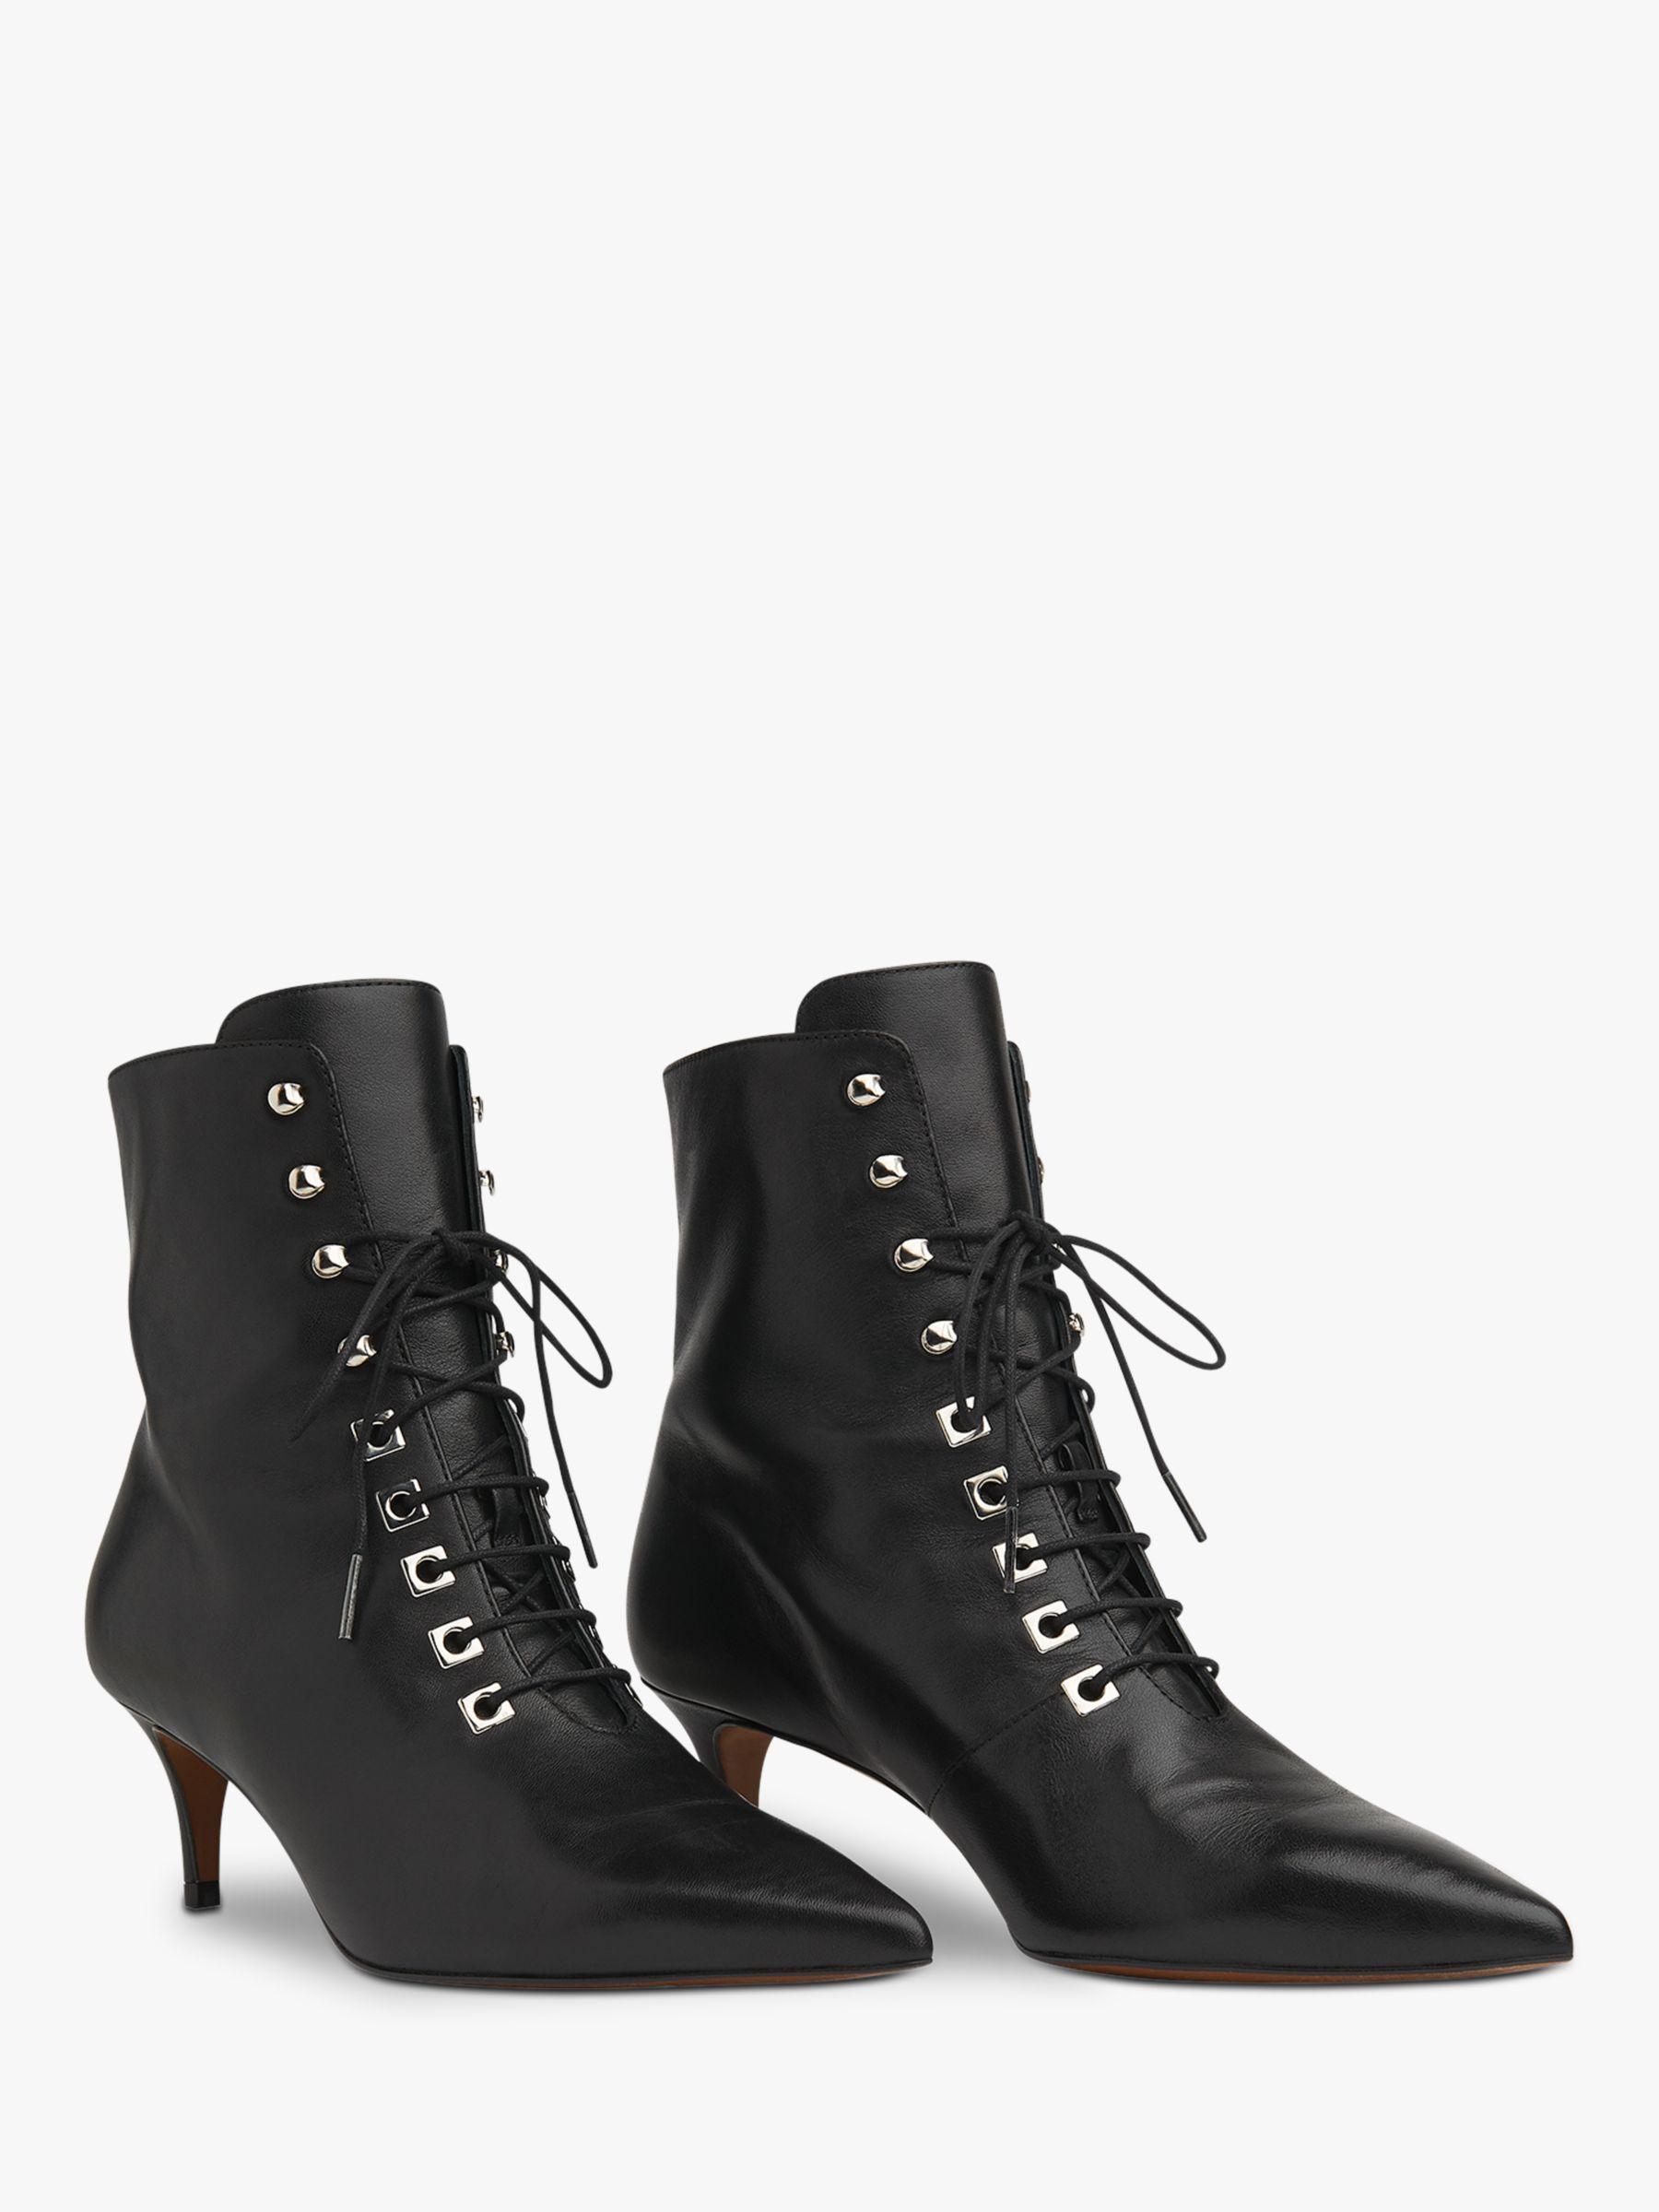 Whistles Celeste Kitten Heel Lace Up Ankle Boots Black Boots Lace Up Ankle Boots Black Ankle Boots